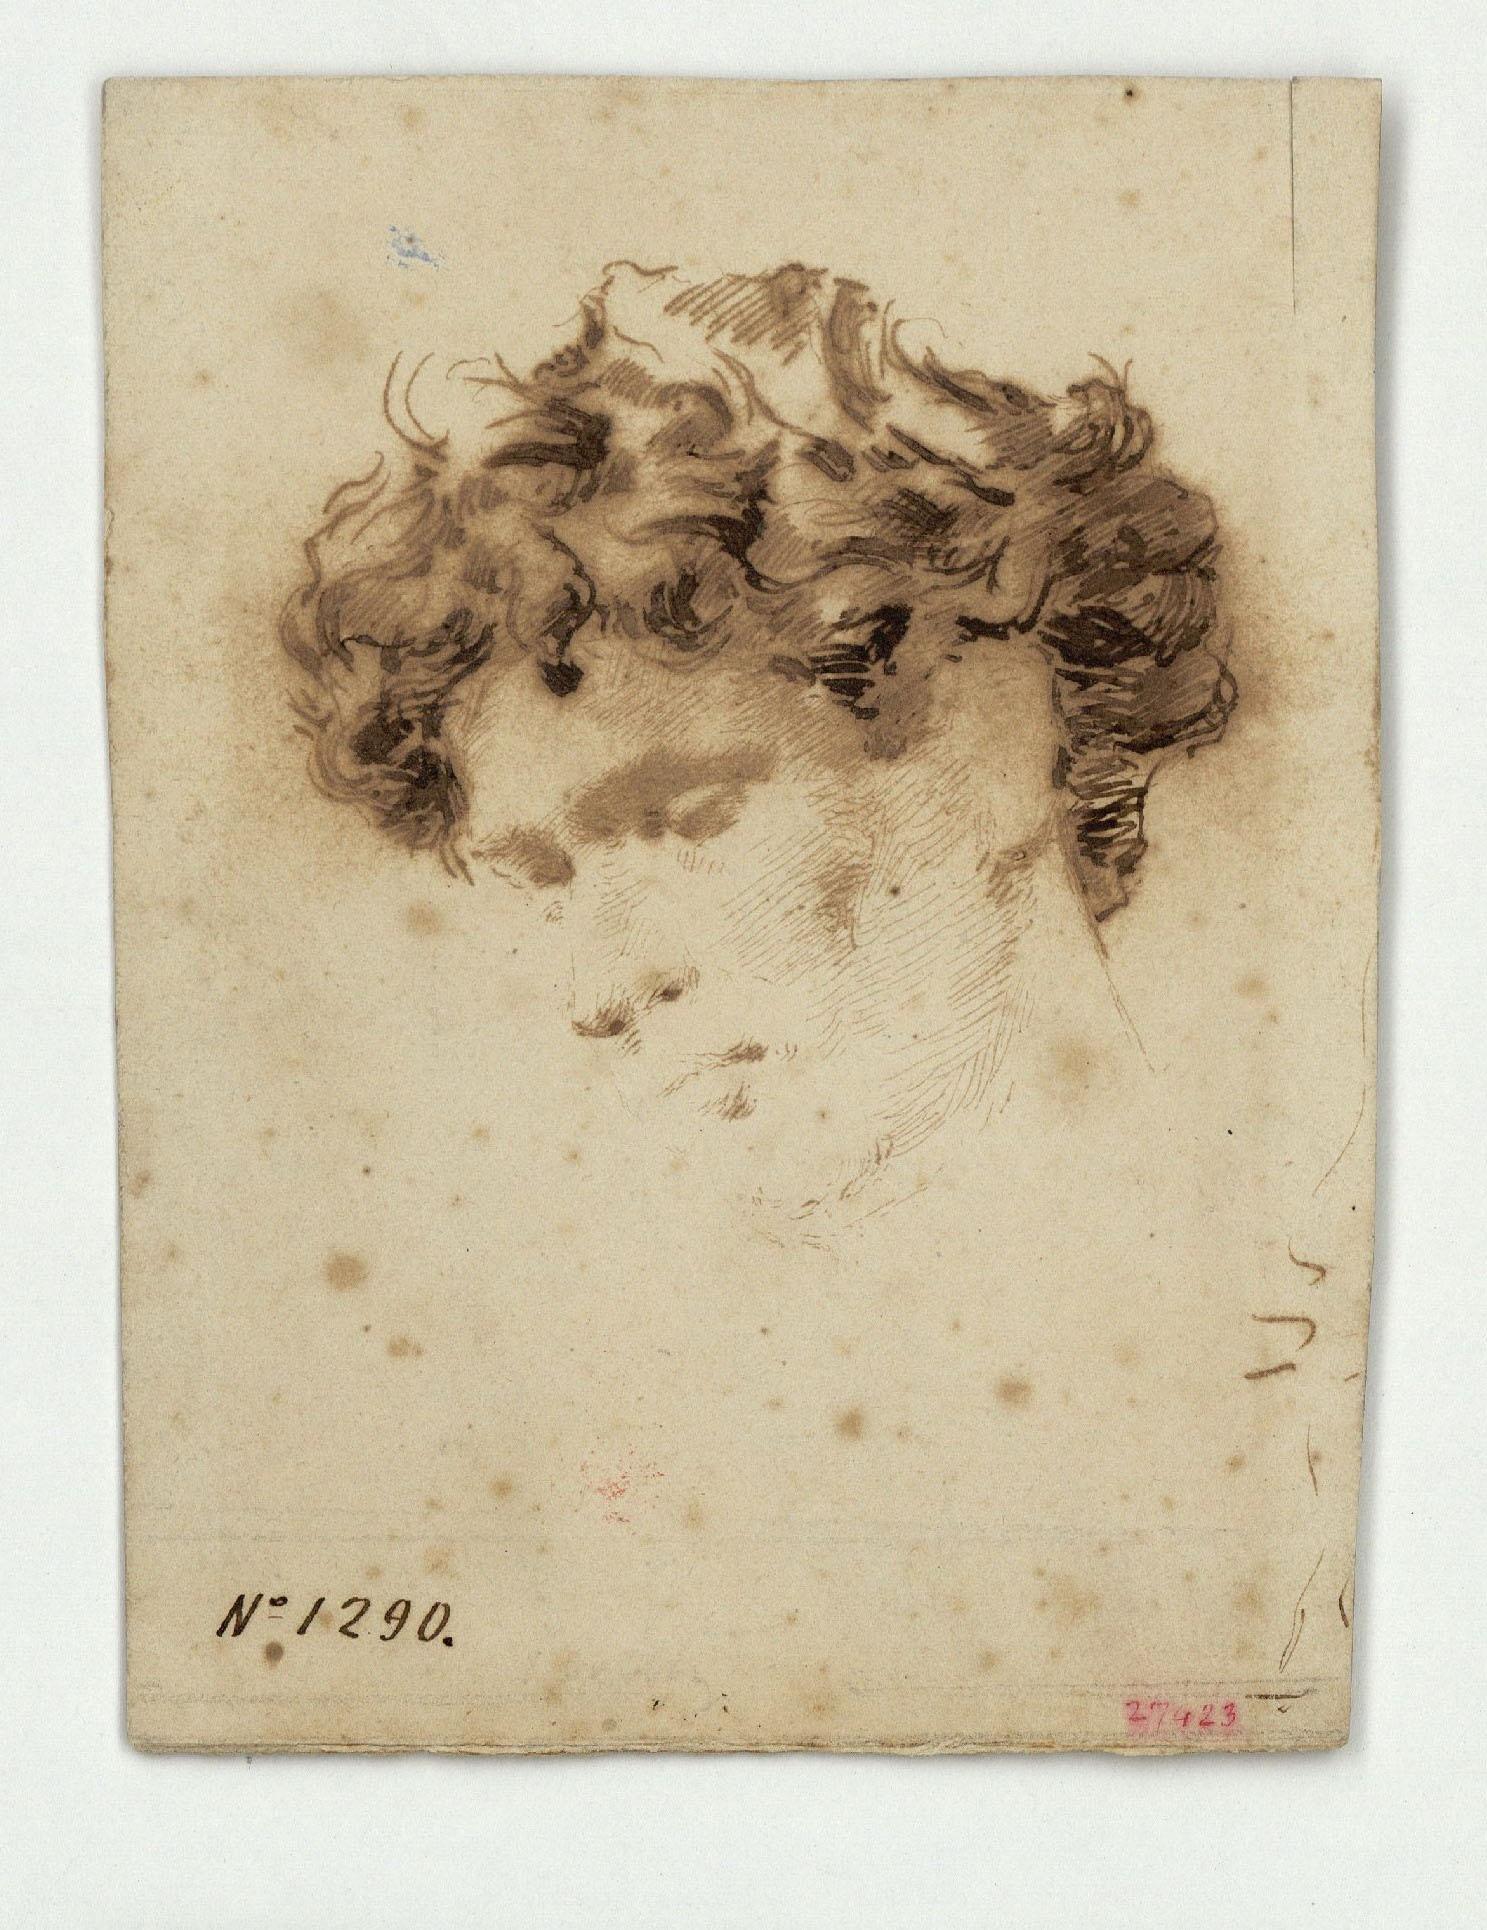 Marià Fortuny - Estudi per al gravat «La Victòria» - Cap a 1869